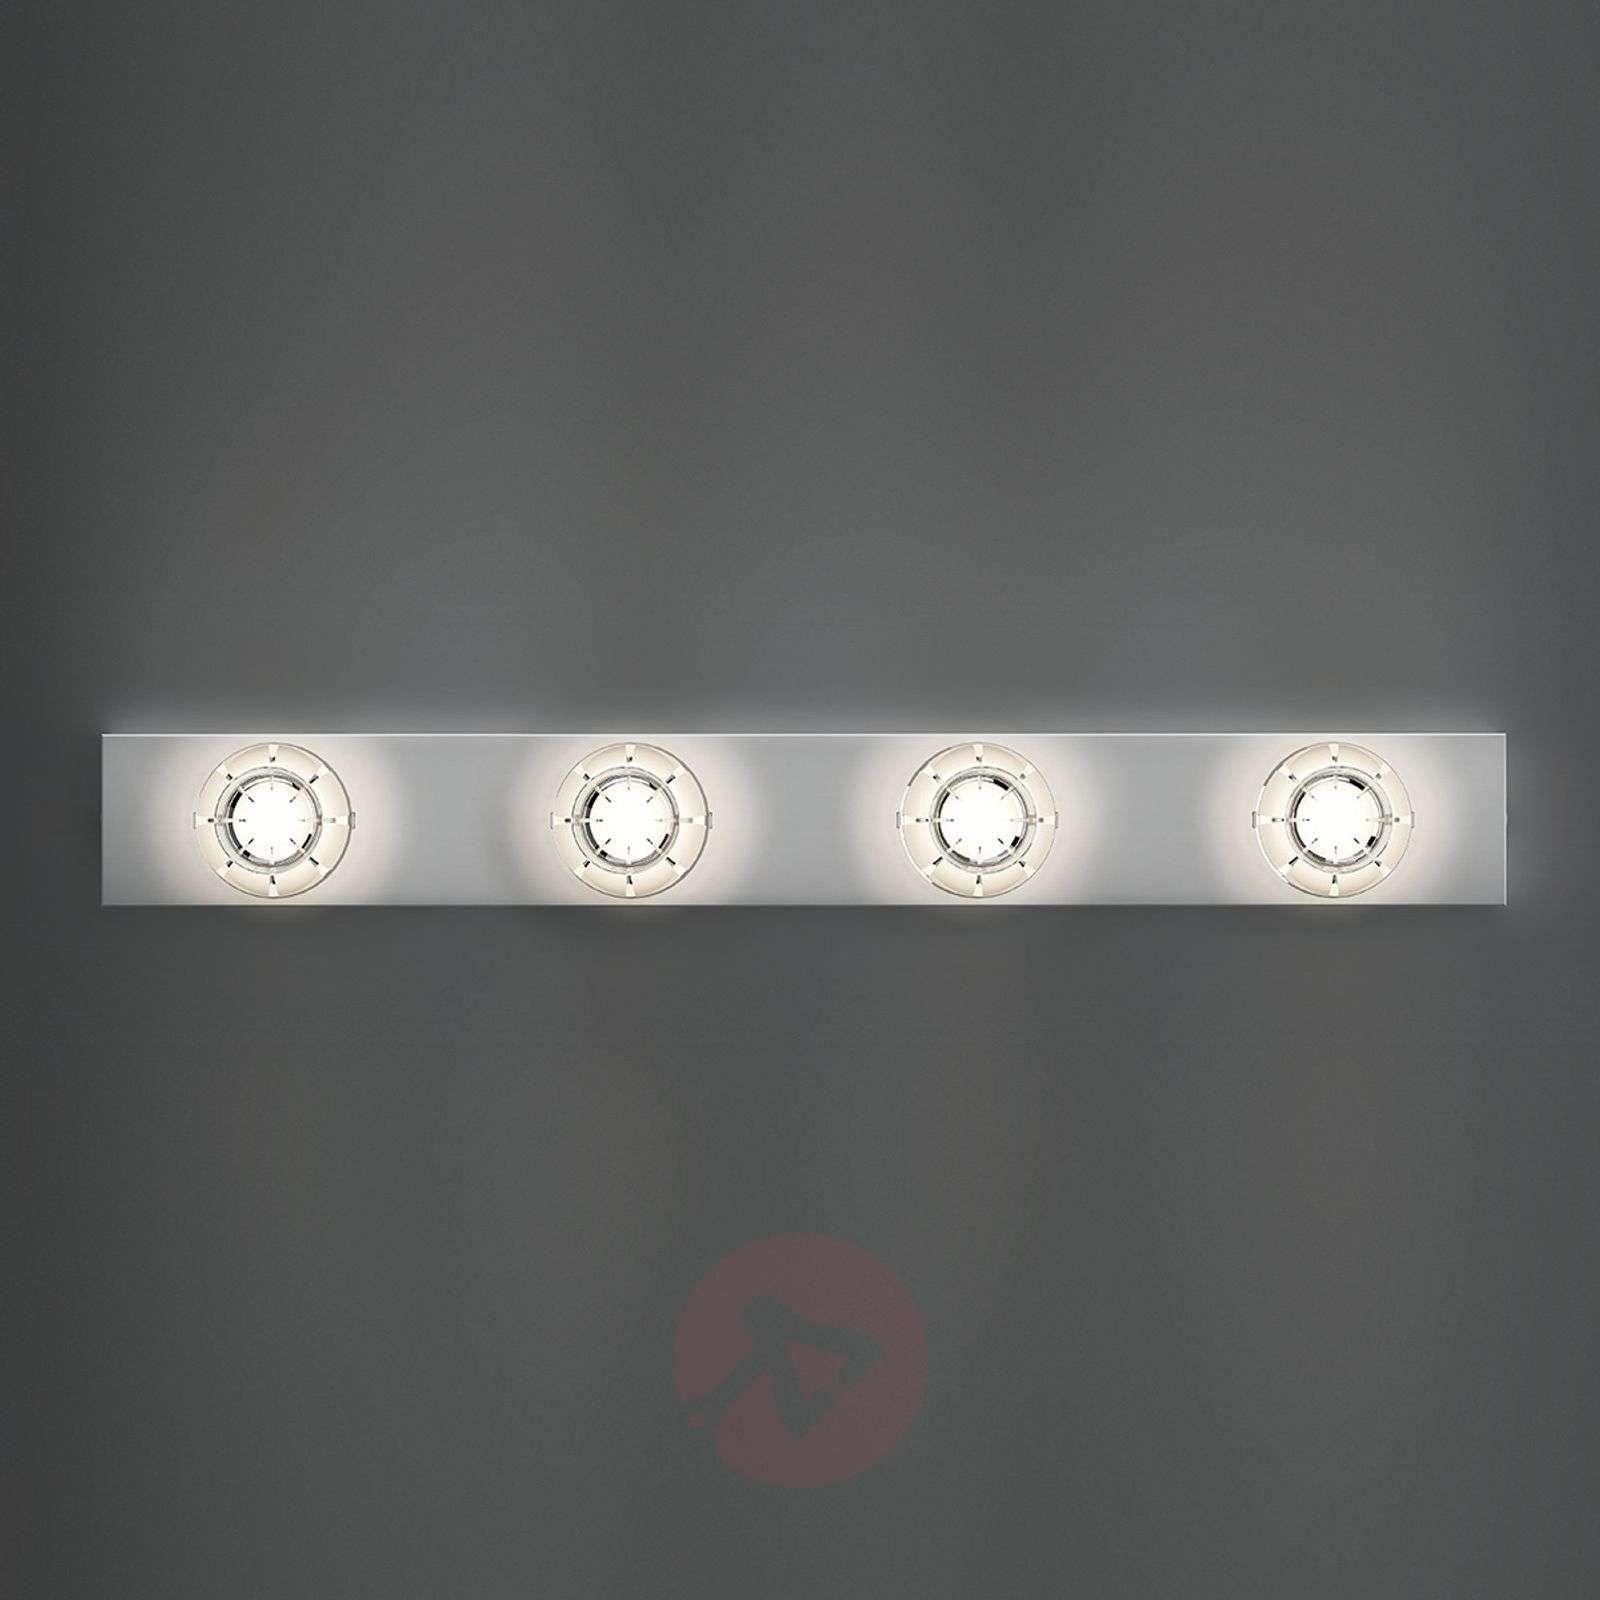 Kaunis LED-seinävalaisin Puns, kromi, 4 lamppua-6708020-01